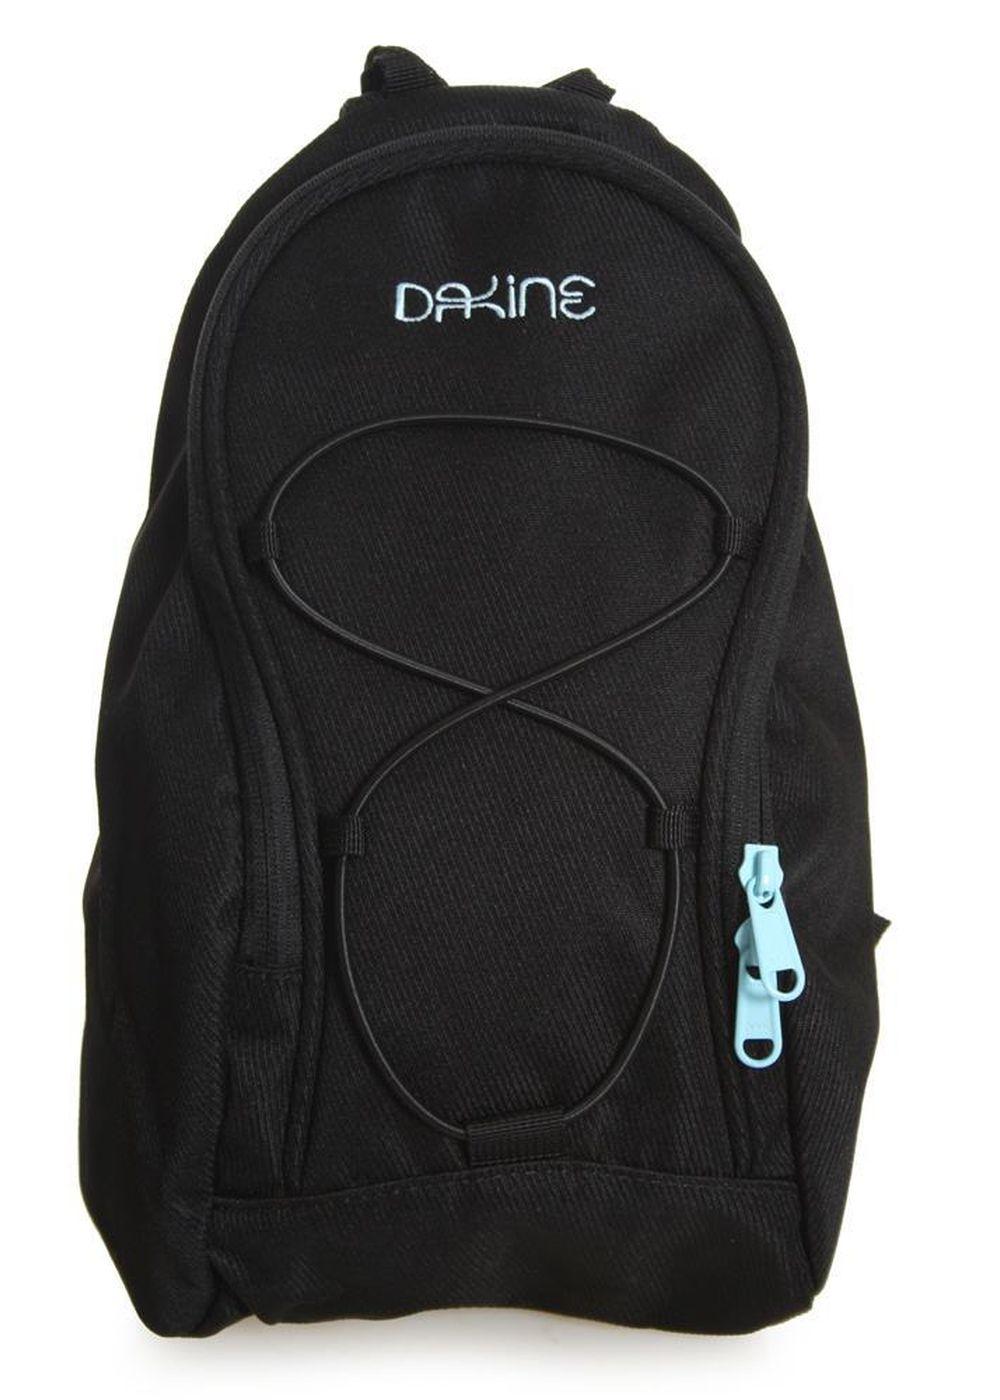 Dakine Small Backpacks - Crazy Backpacks